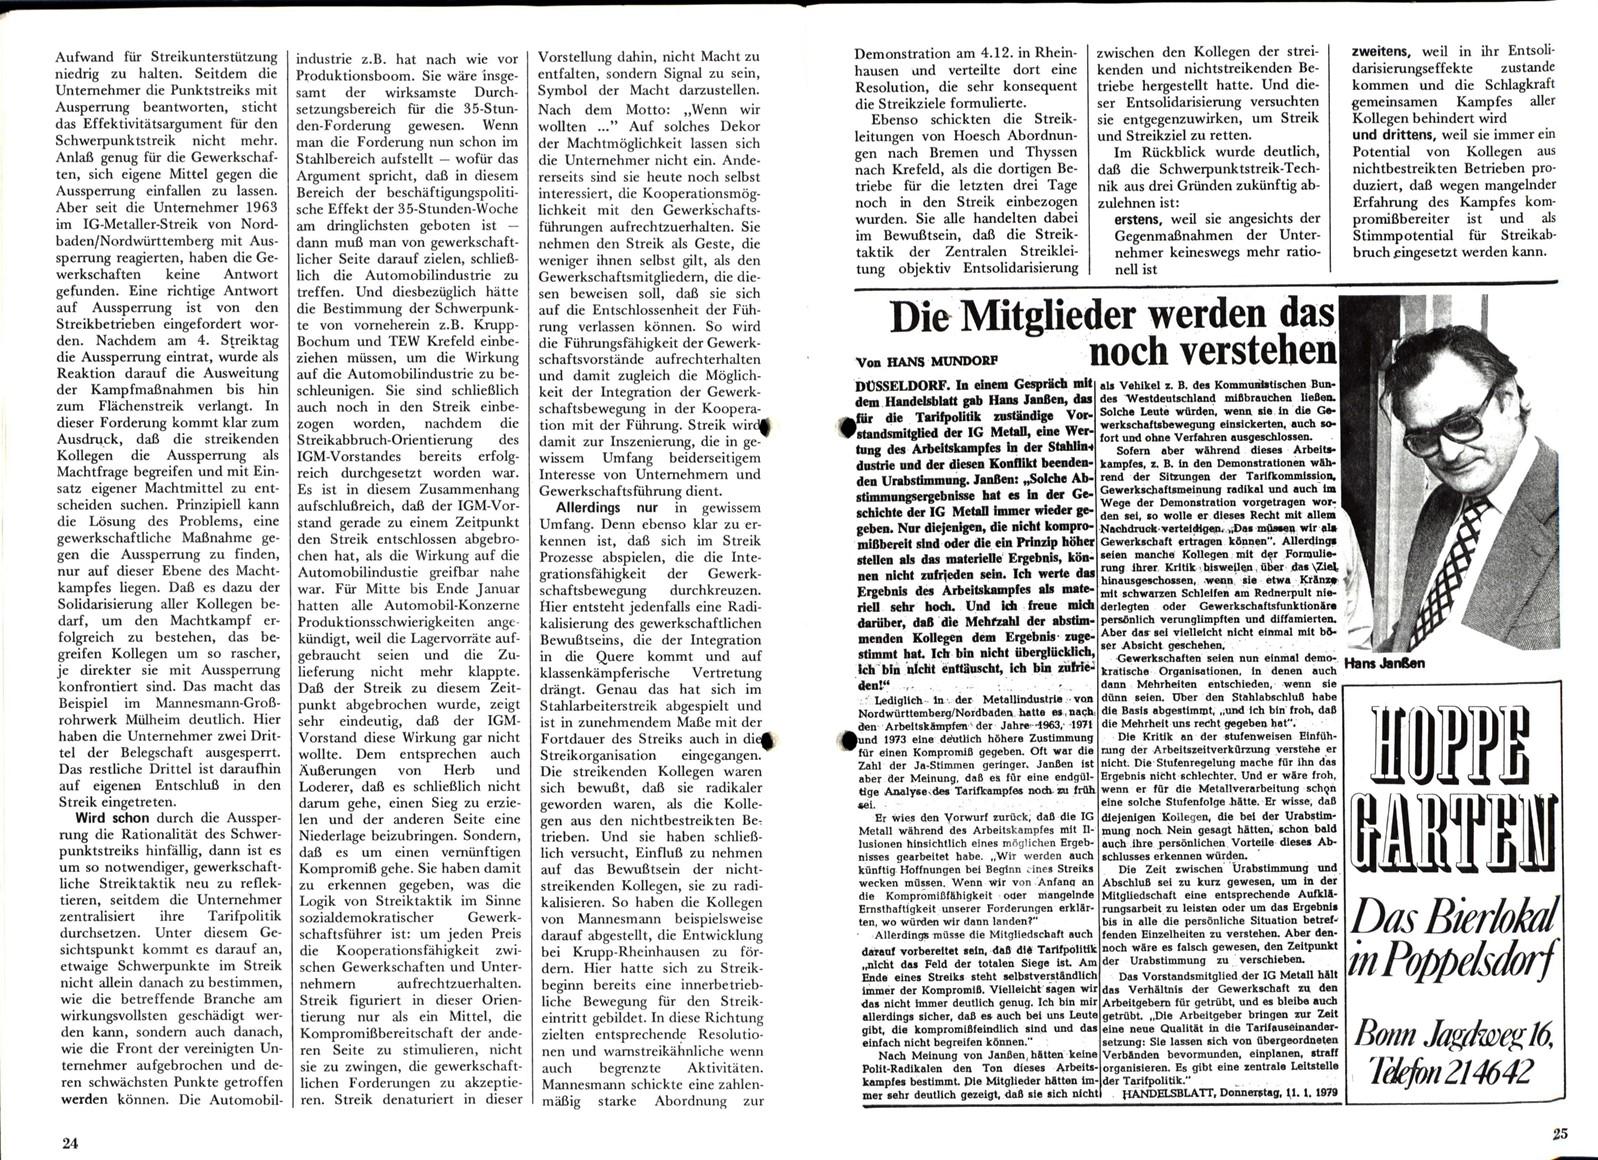 Bonn_RZ_20_19790200_13